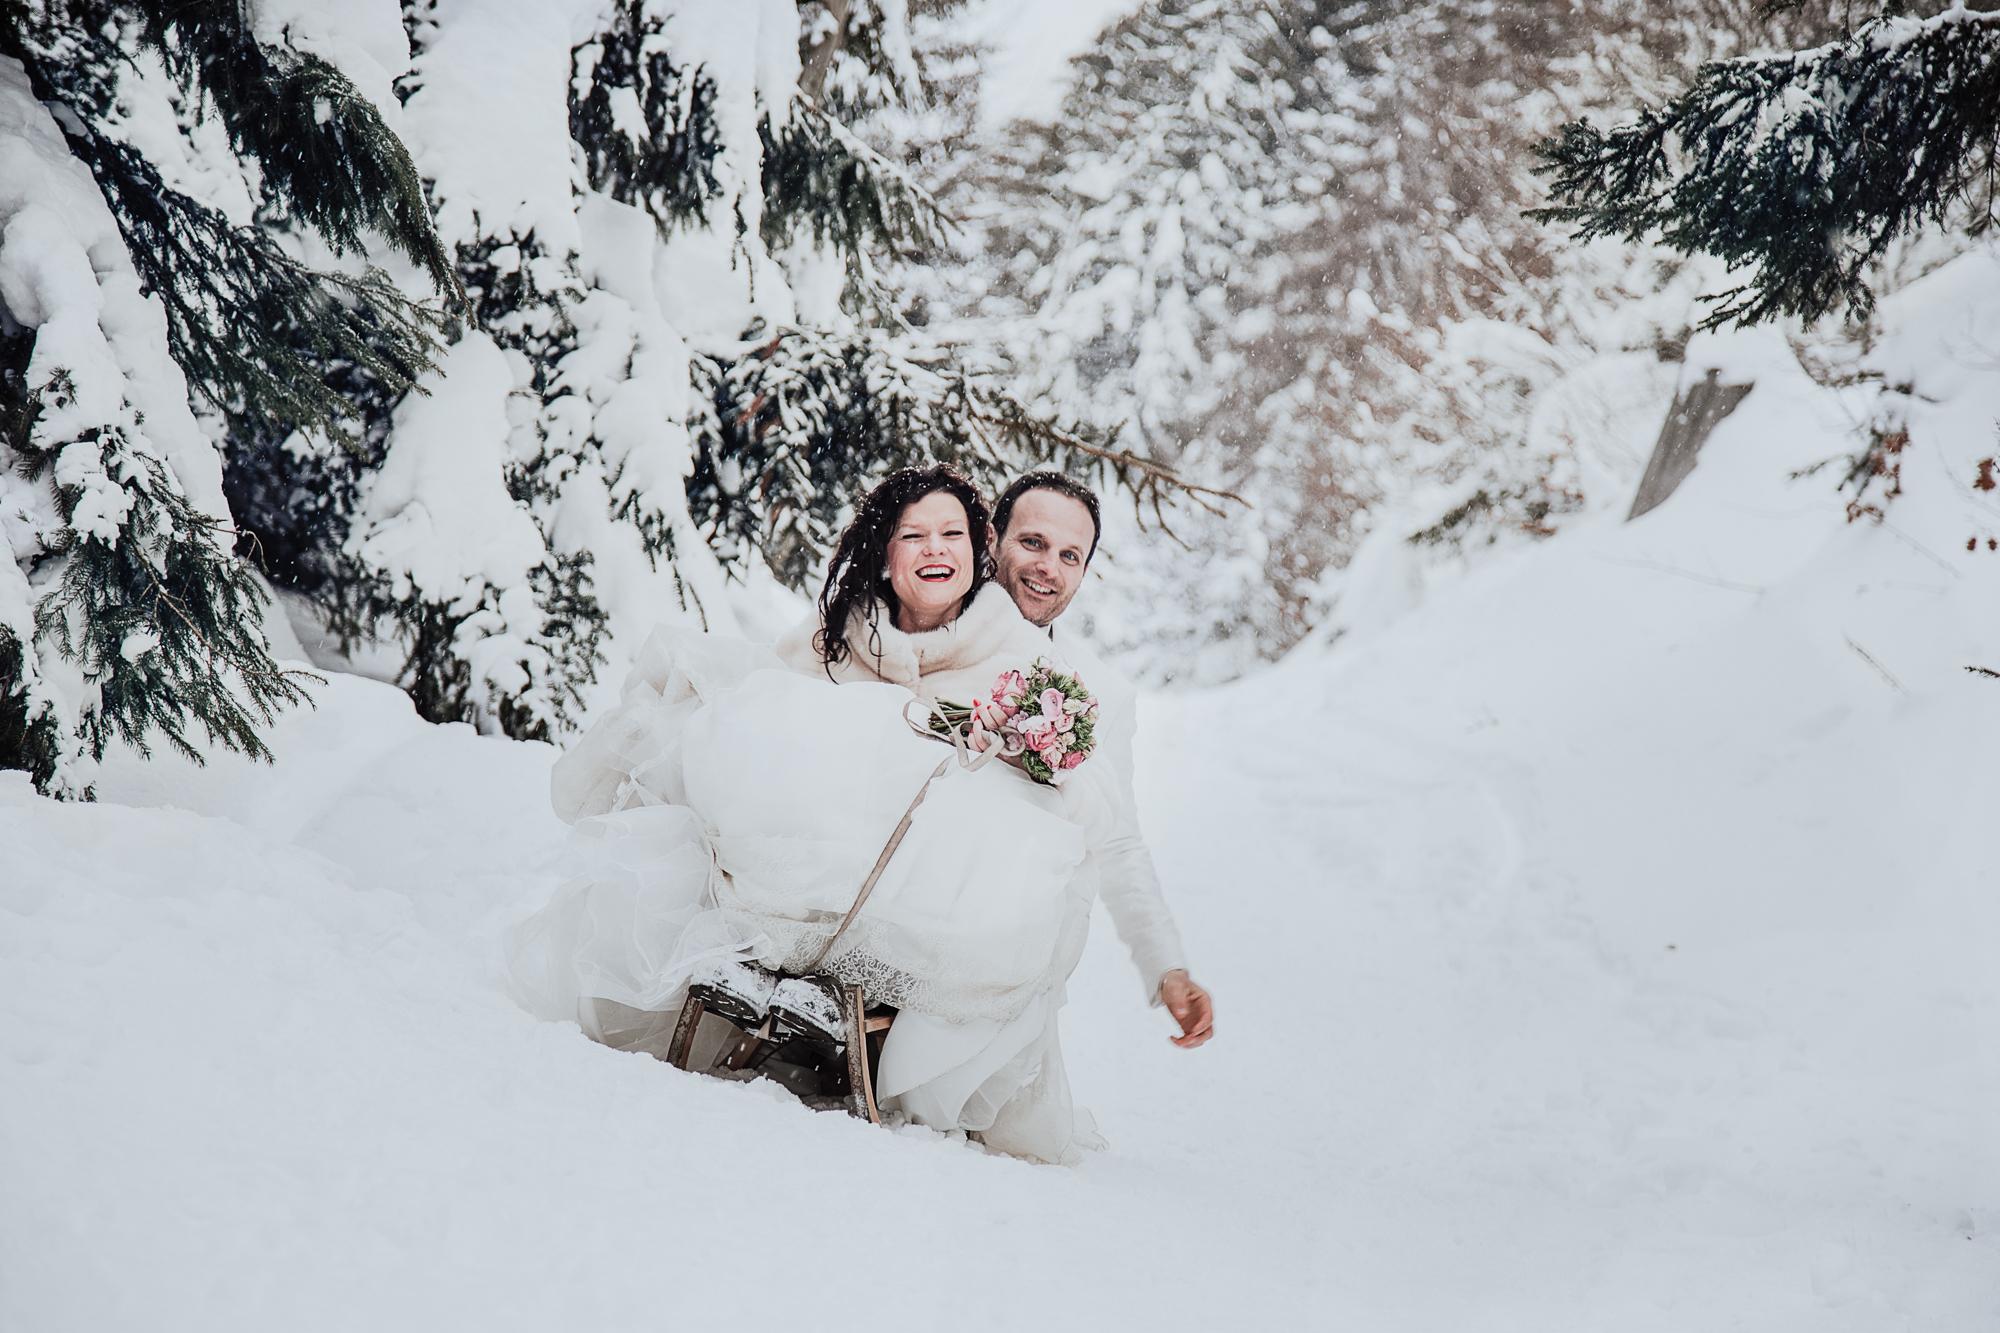 les mariés font de la luge dans la neige